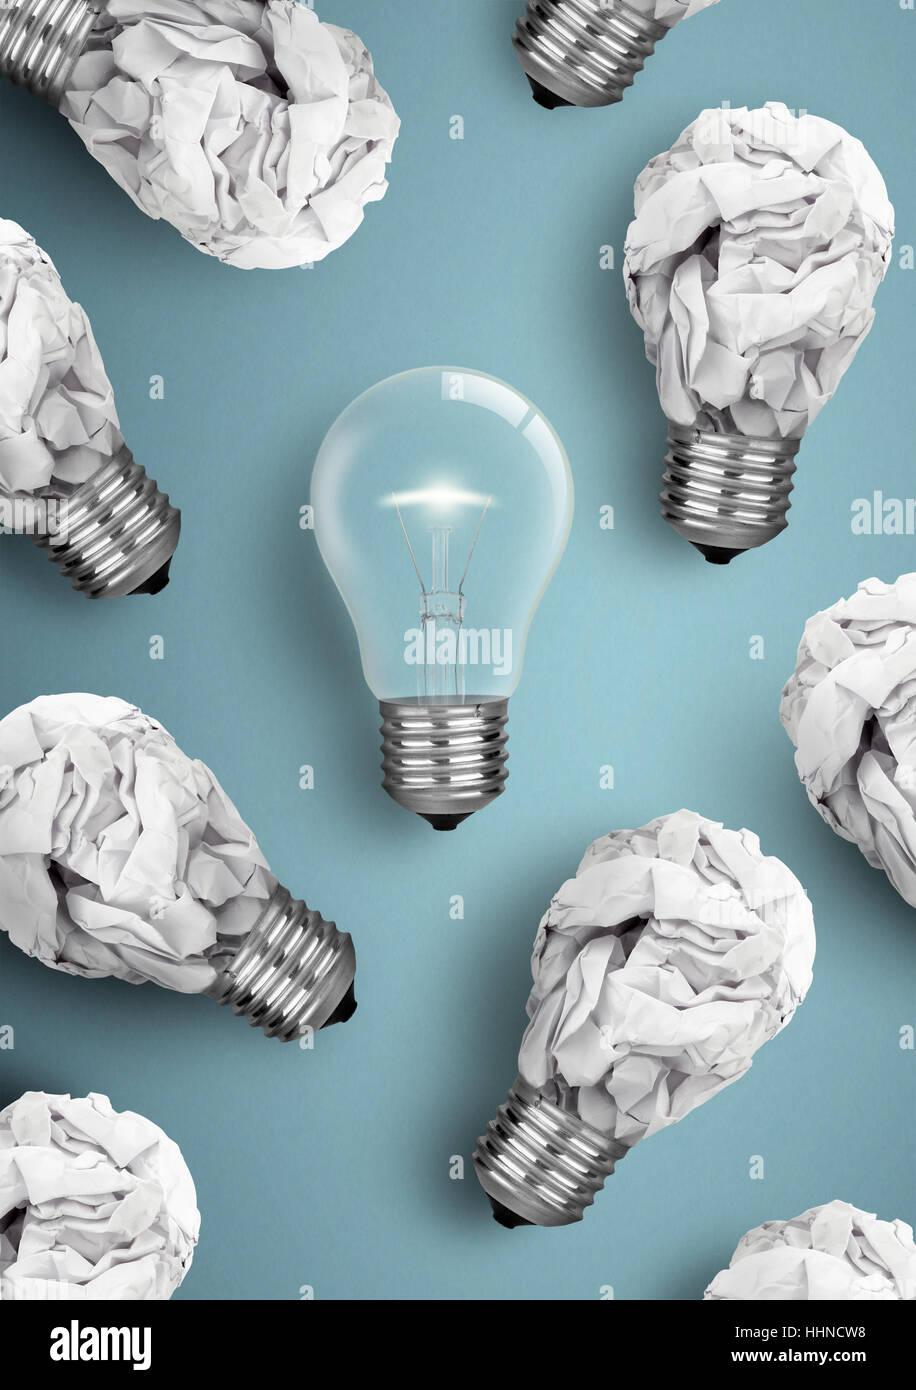 La idea creativa de concepto, lámparas de papel arrugado Imagen De Stock